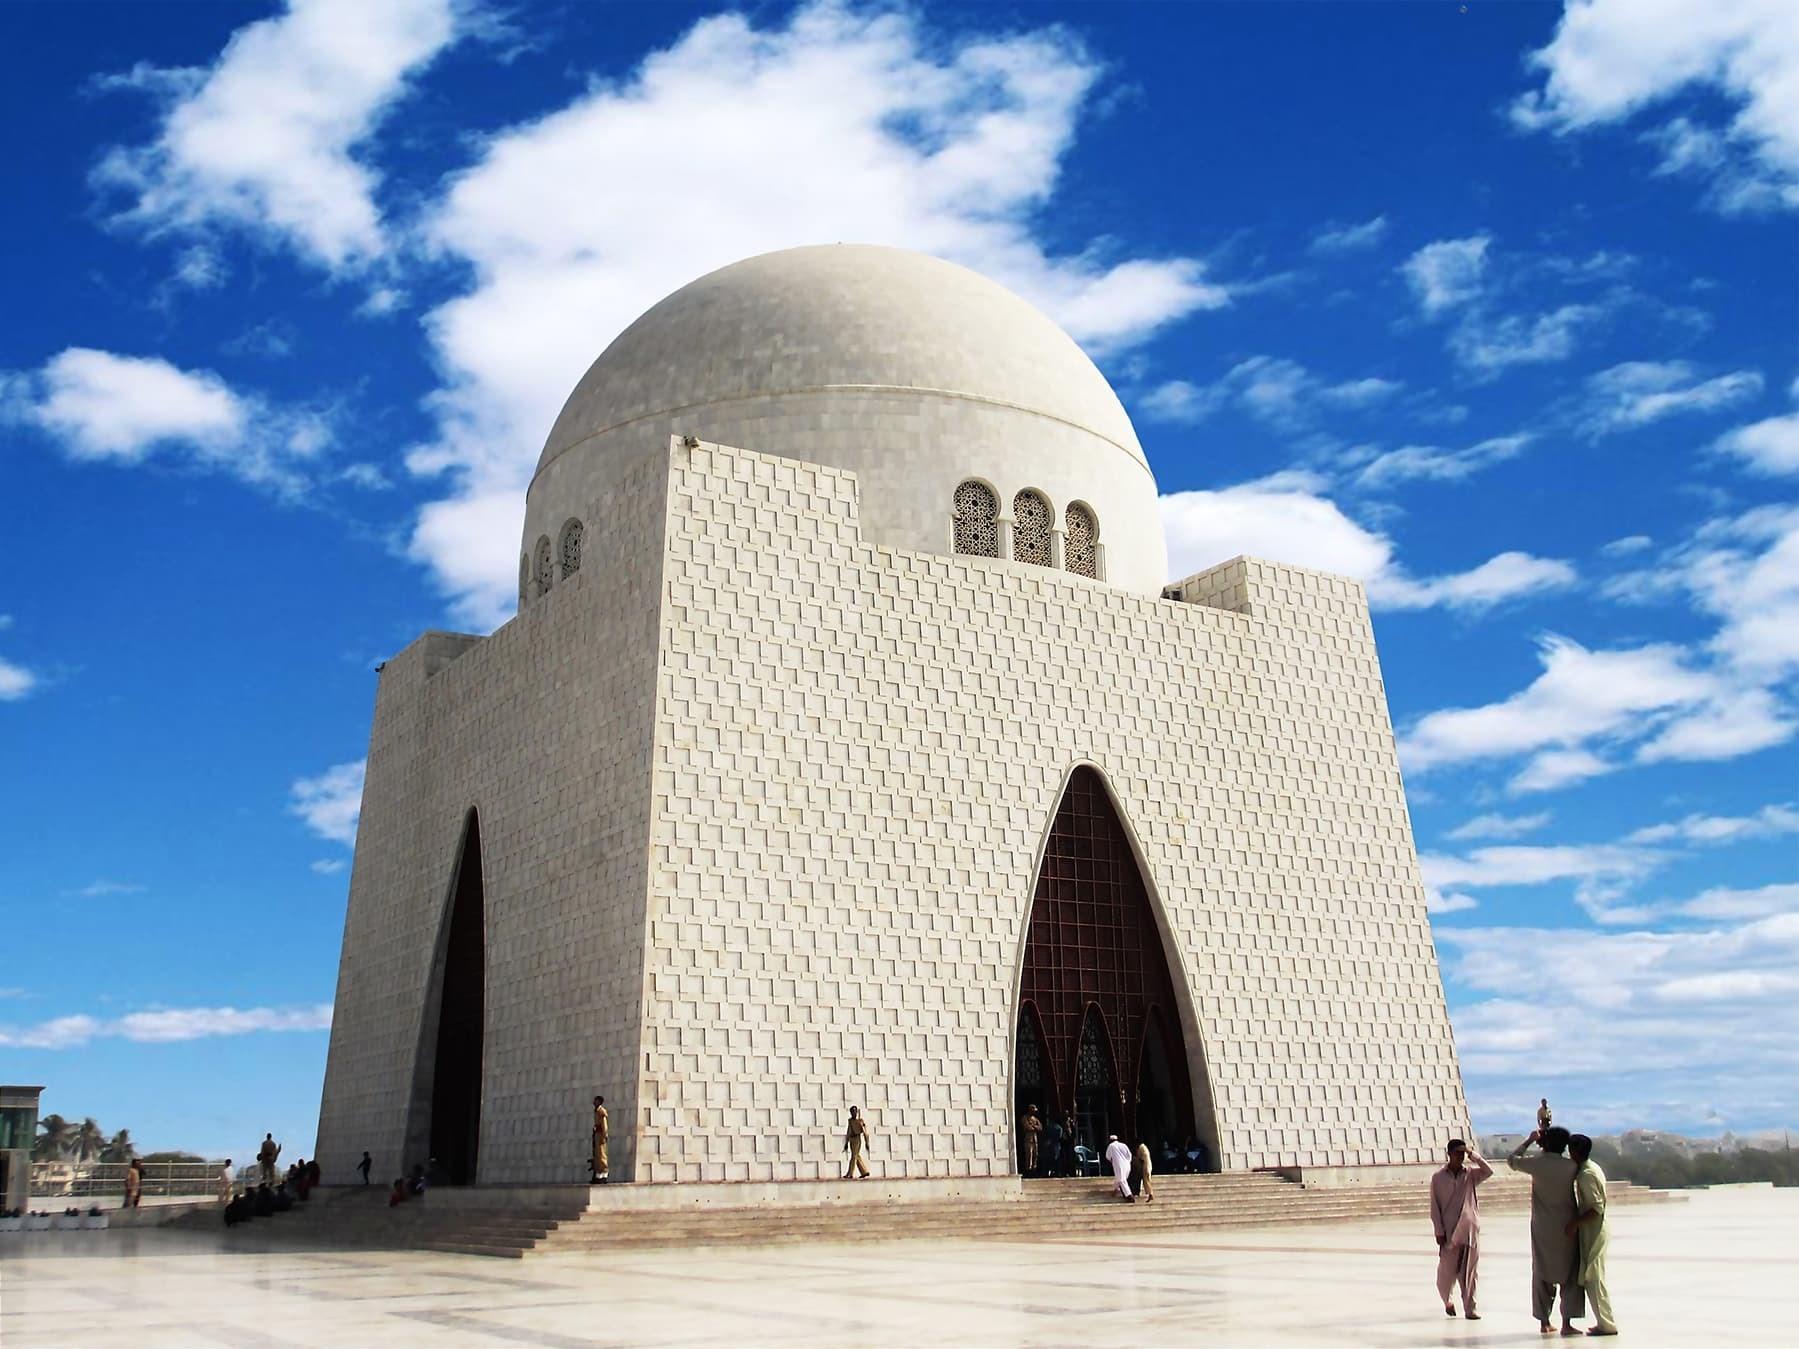 1394072815512740363360510 تصاویر زیبا از مکانهای دیدنی پاکستان